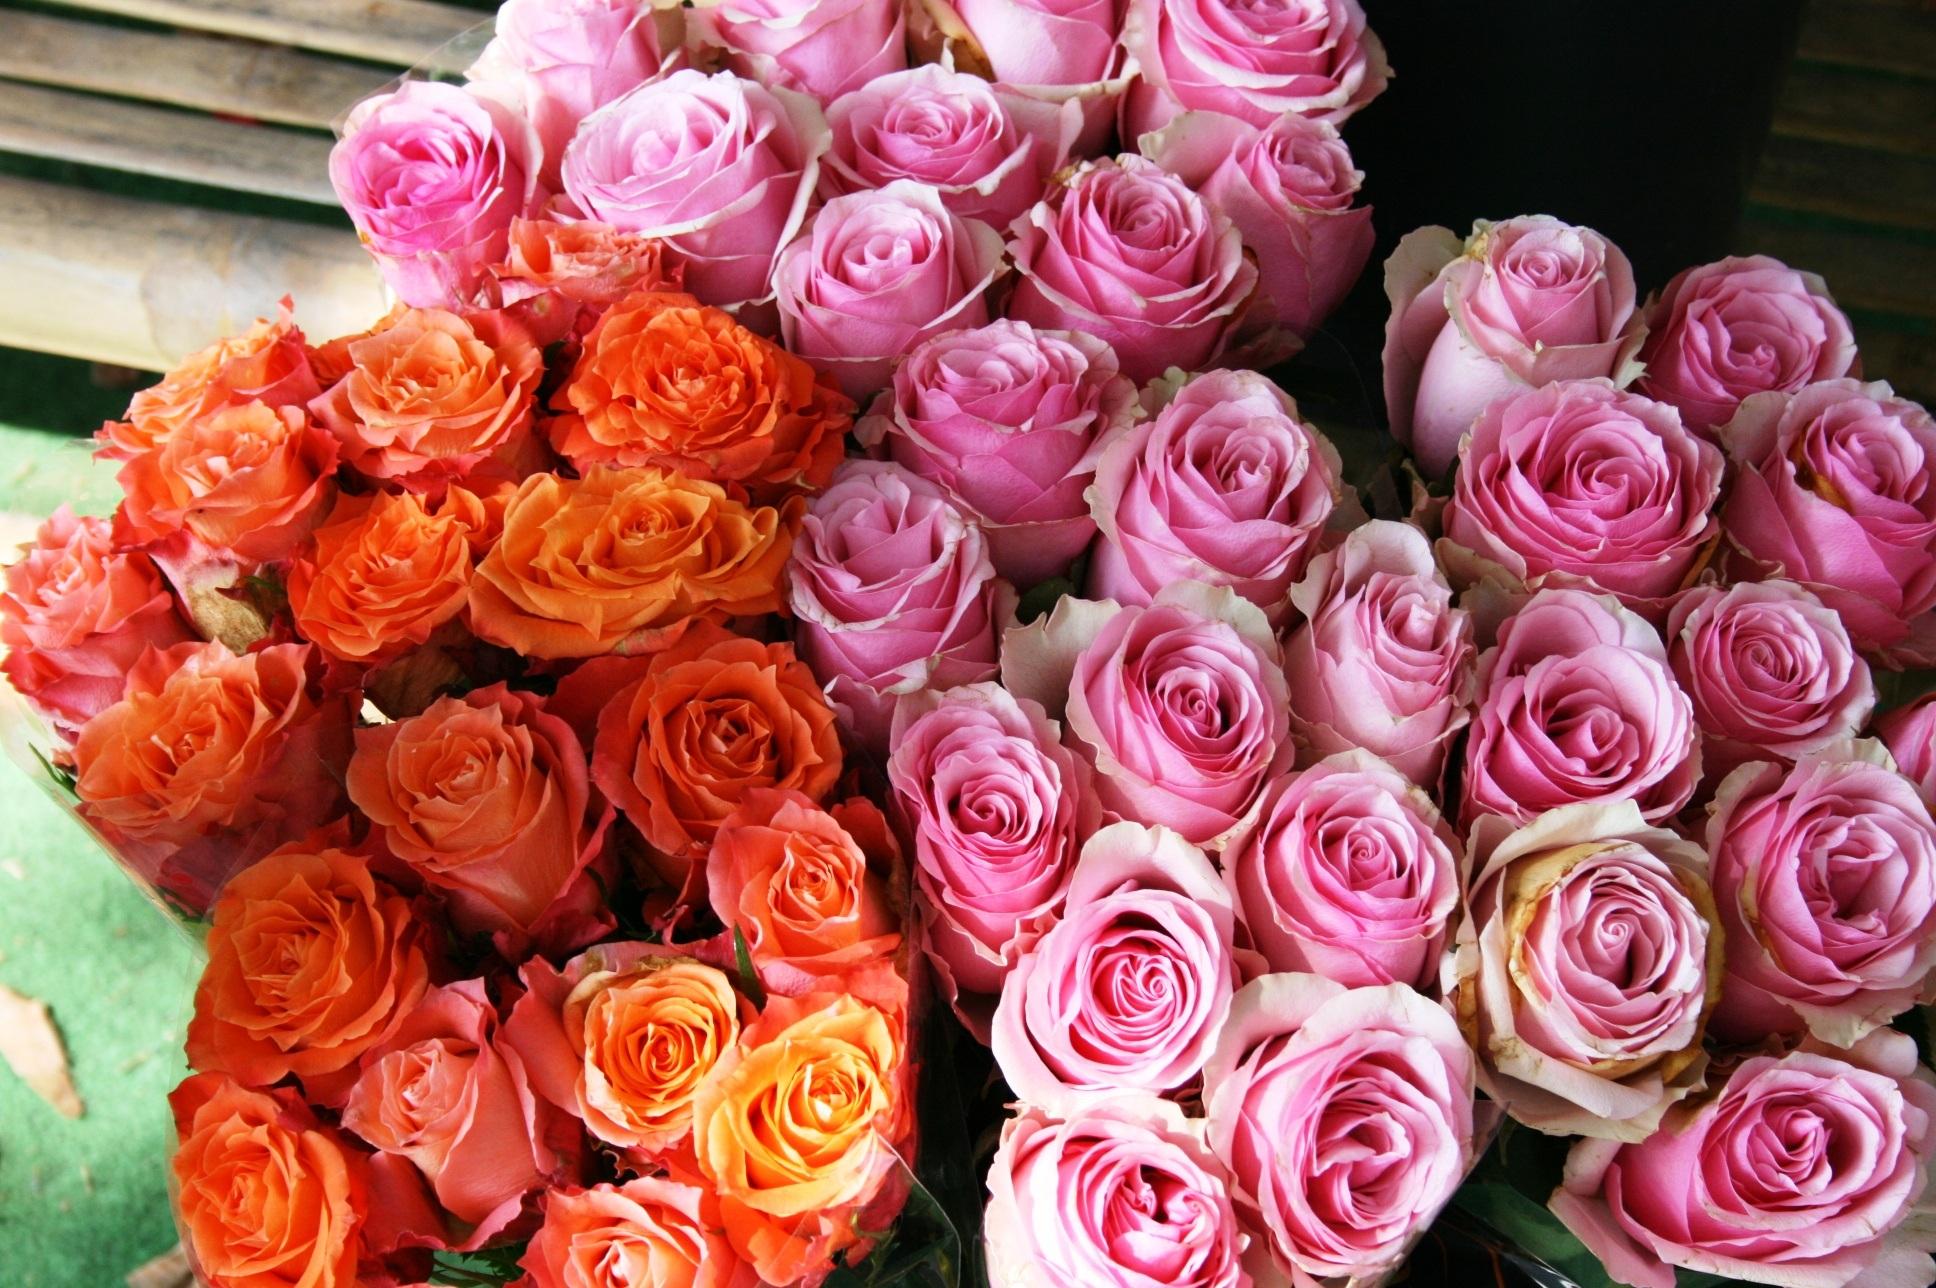 menanam bunga daun bunga mawar merah berwarna merah muda